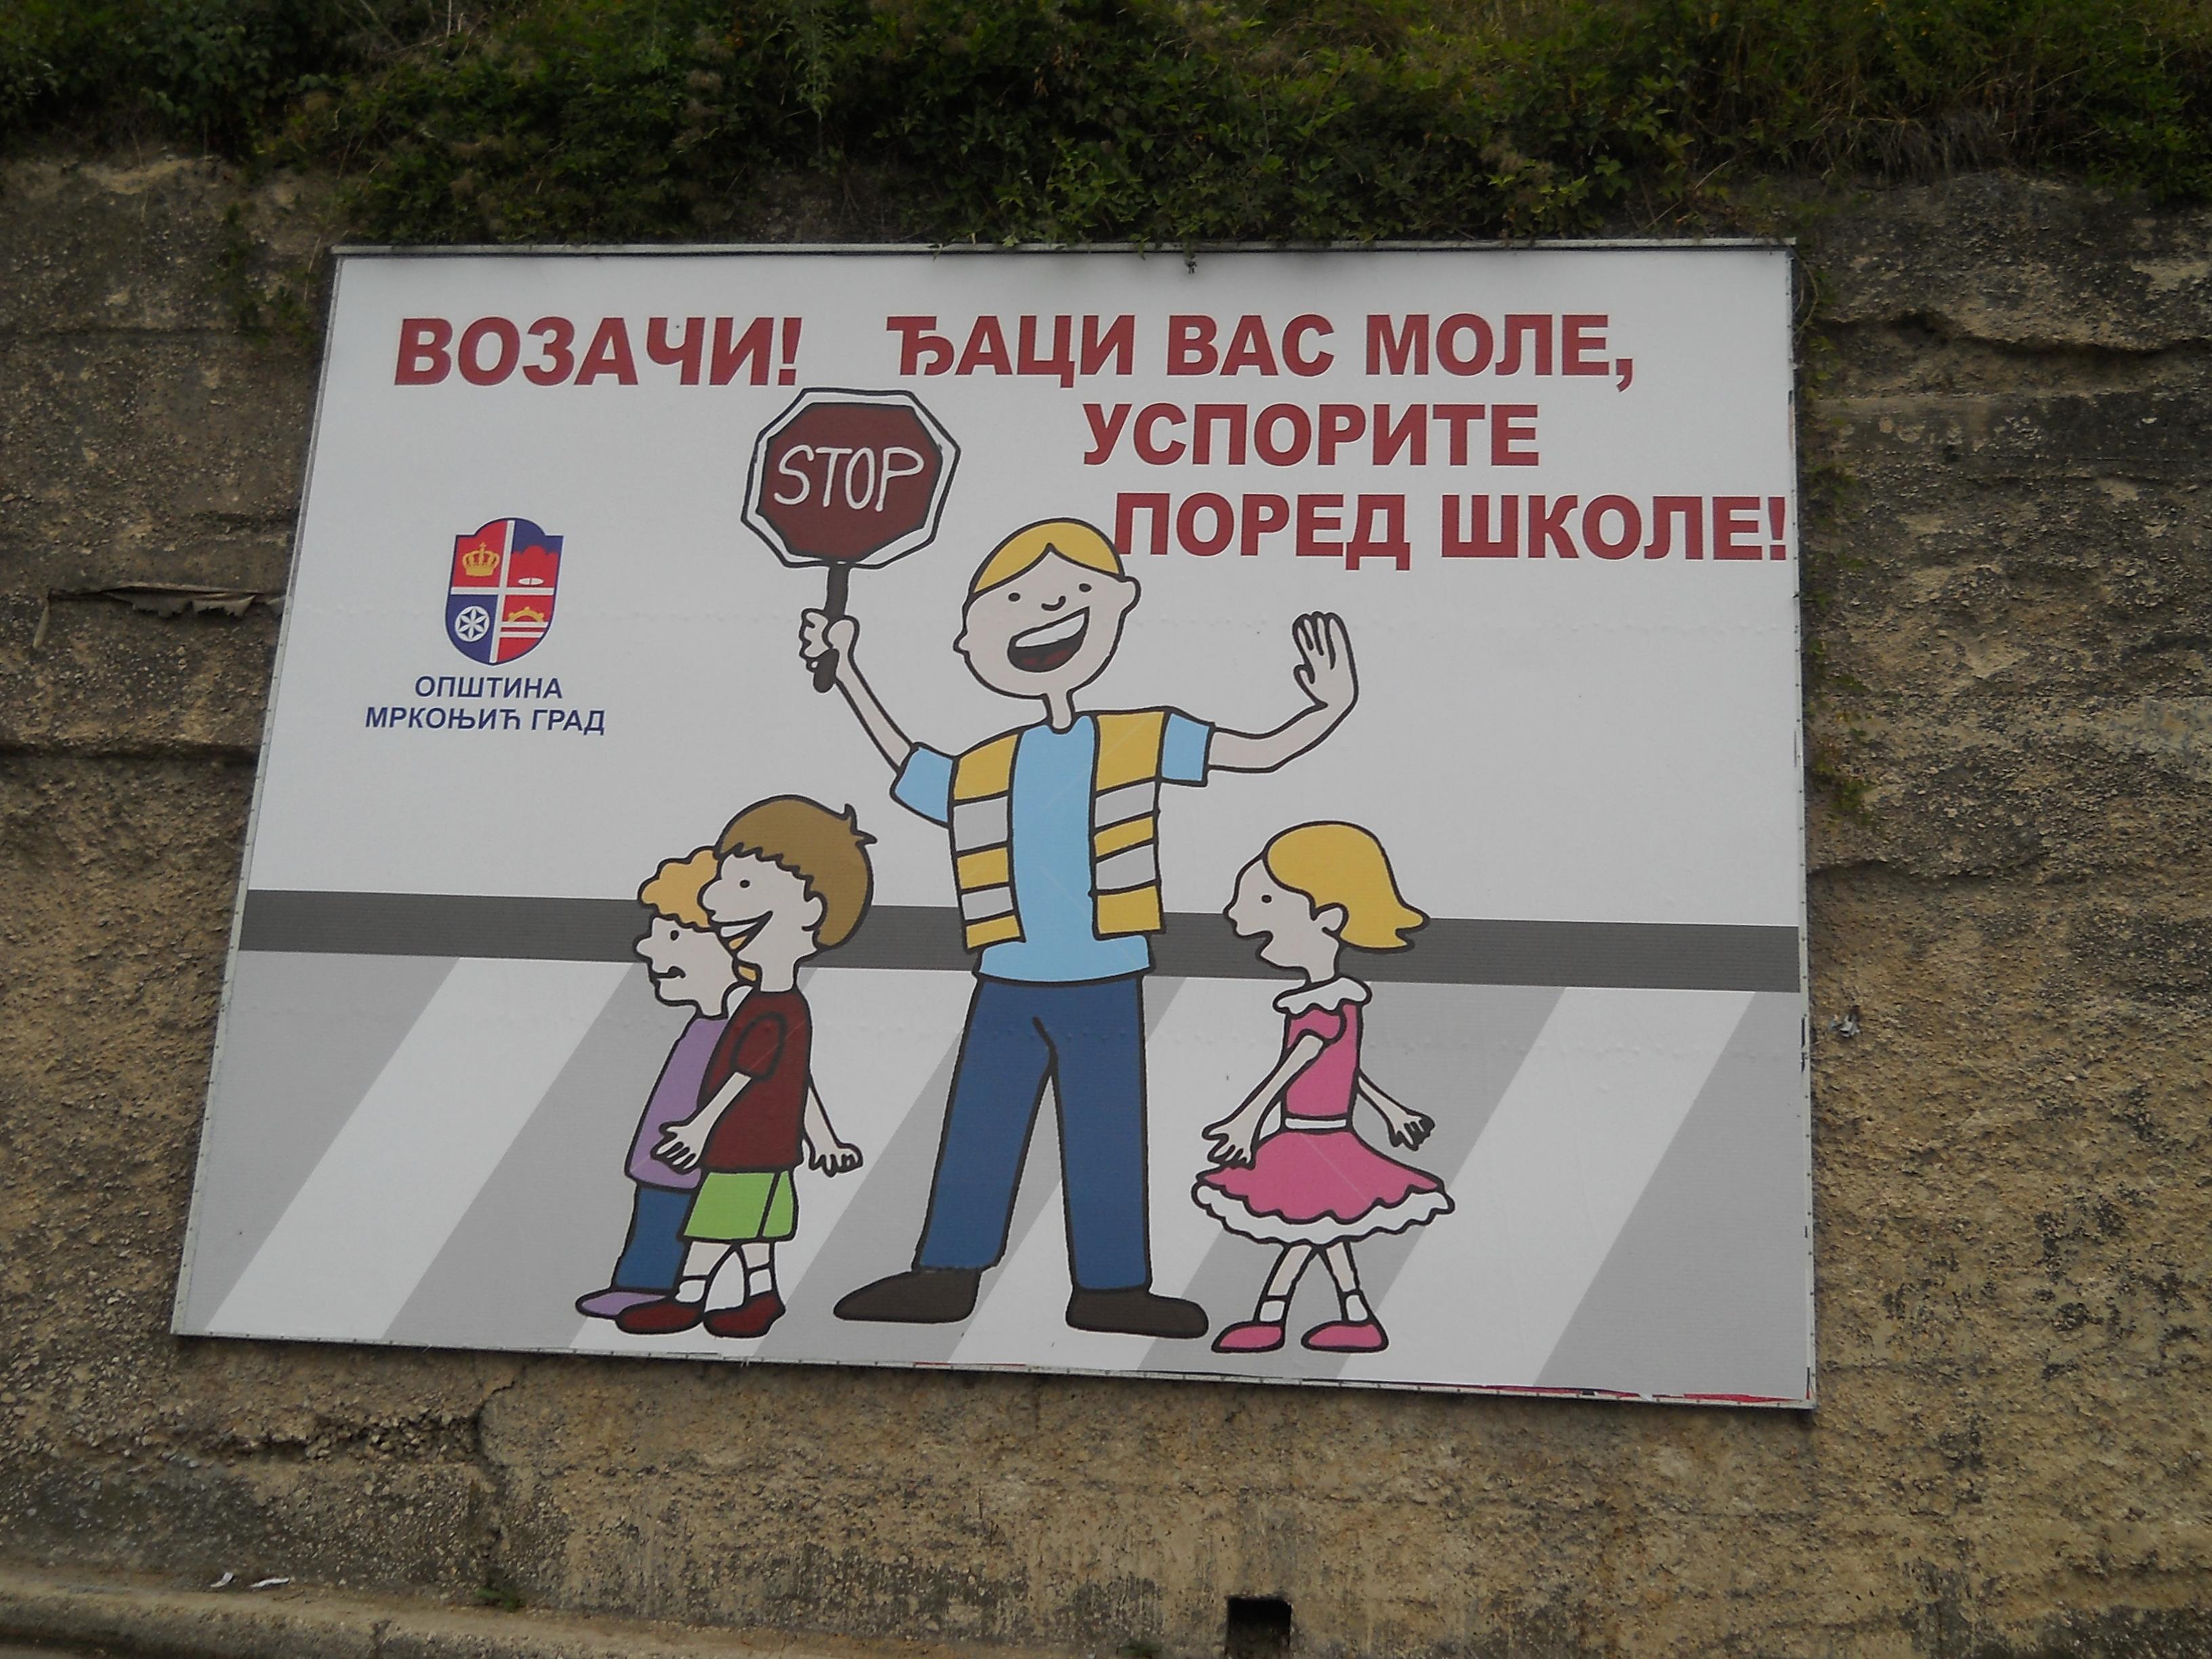 Примјена саобраћајне сигнализације и опреме пута са анализом поштовања ограничења брзина кретања у зонама школа у Републици Српској